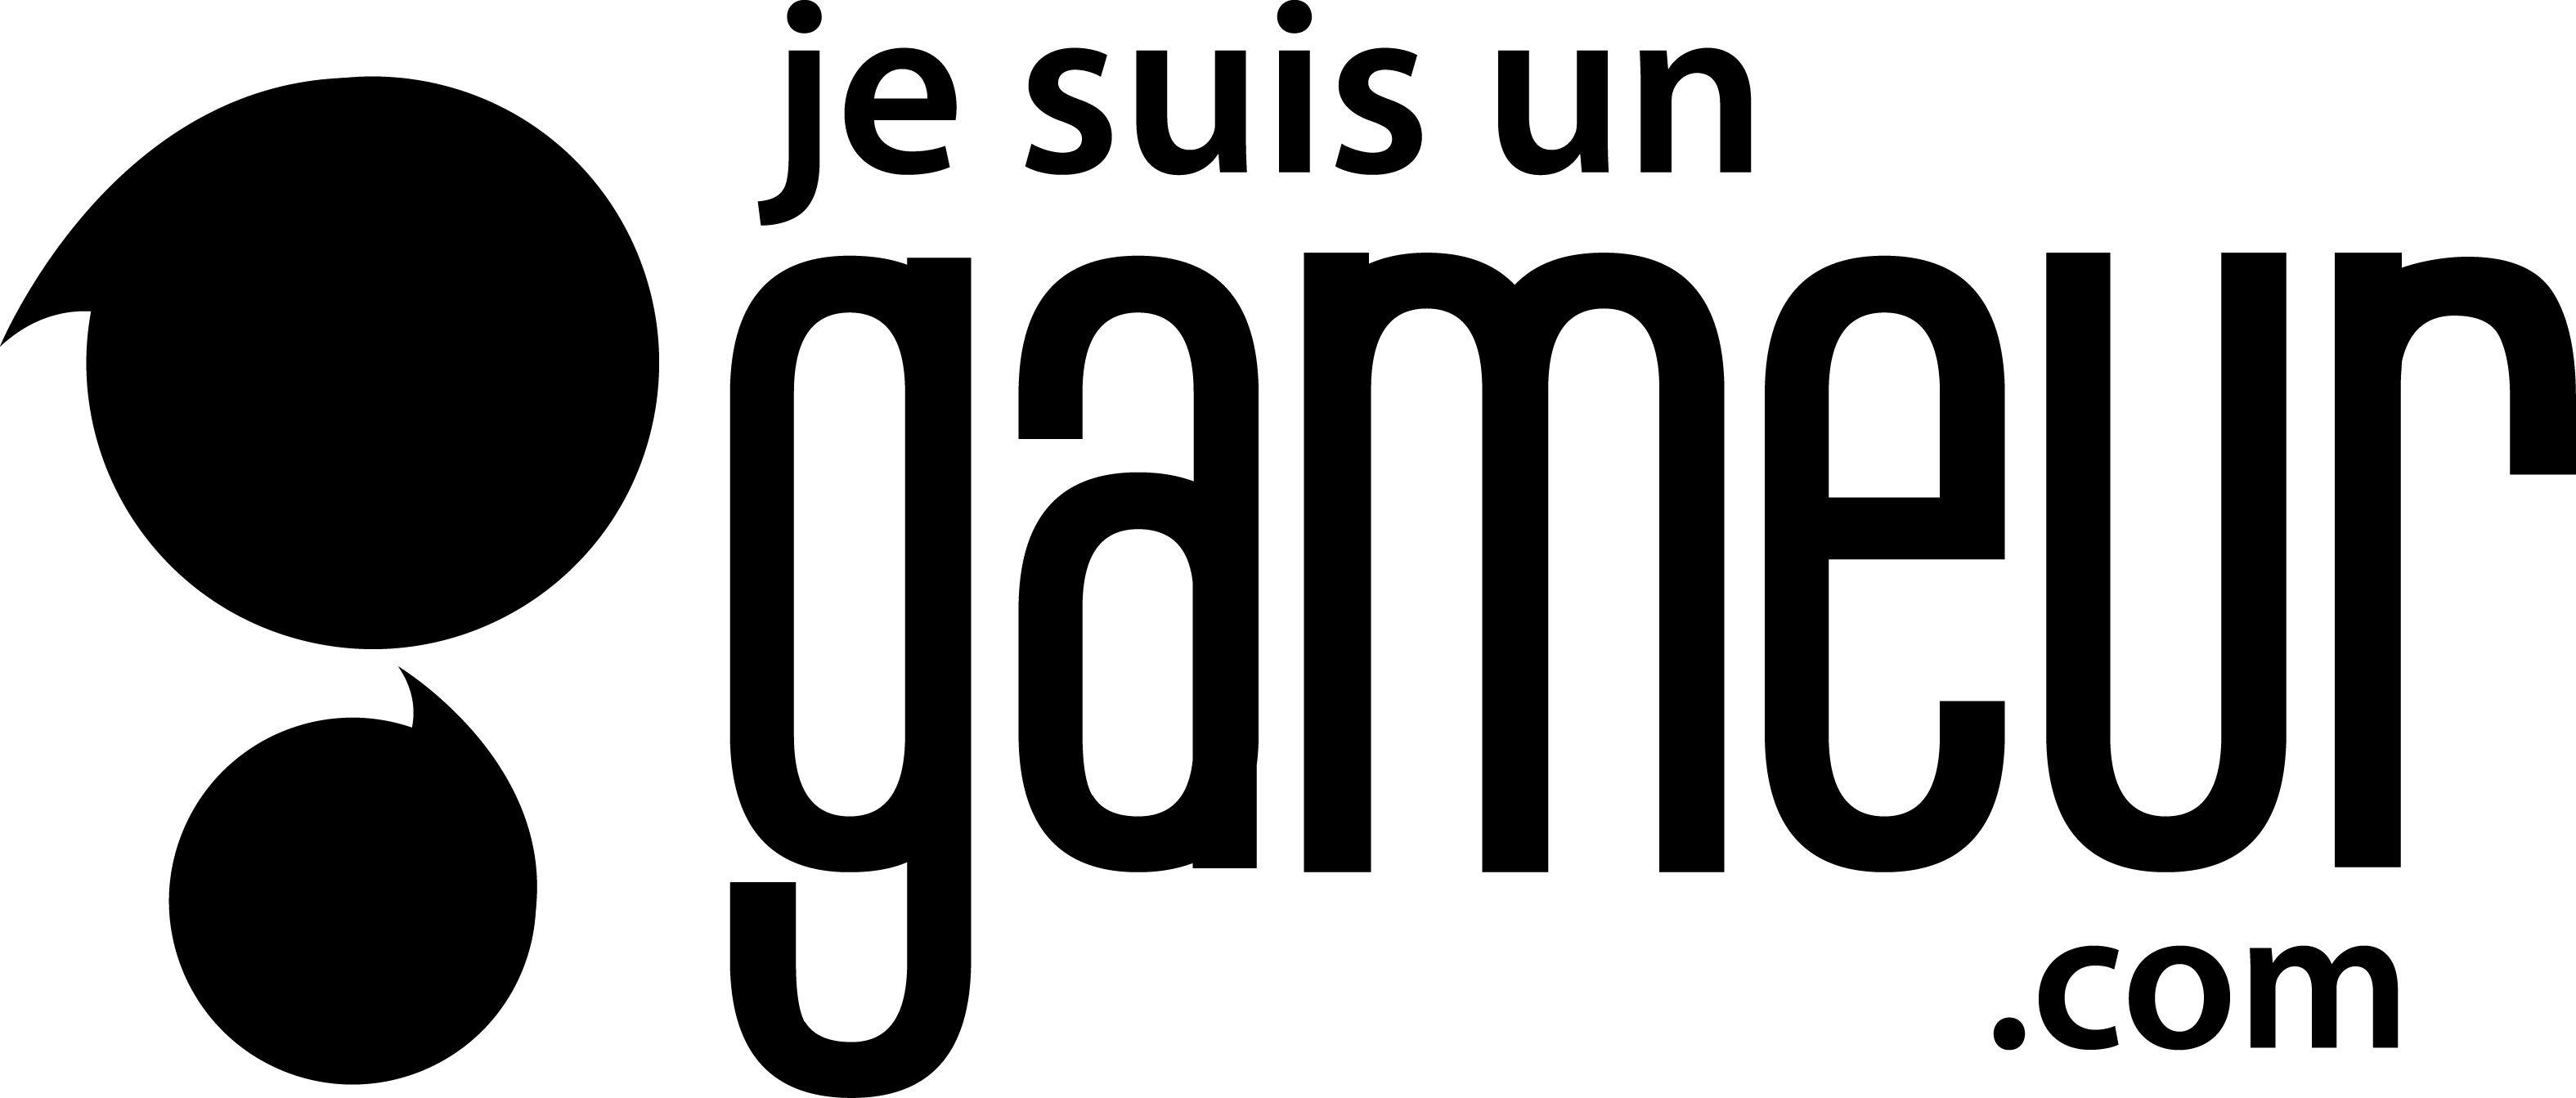 Je suis un gameur.com